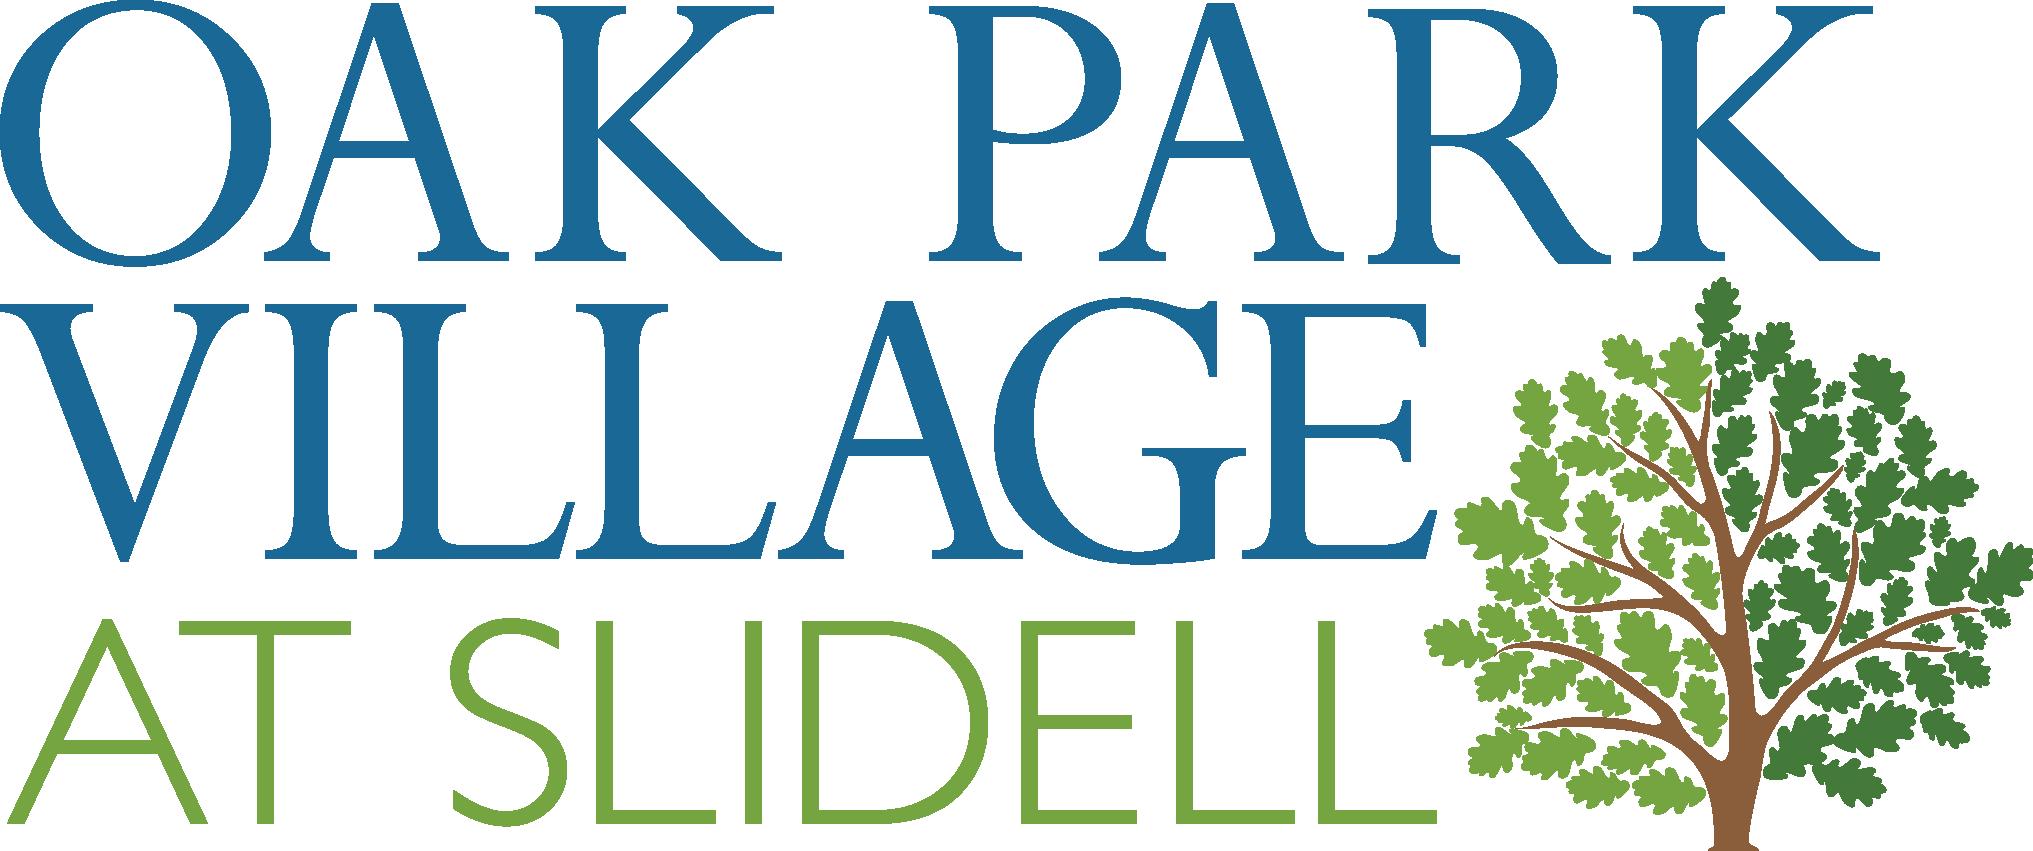 Oak Park Village at Slidell